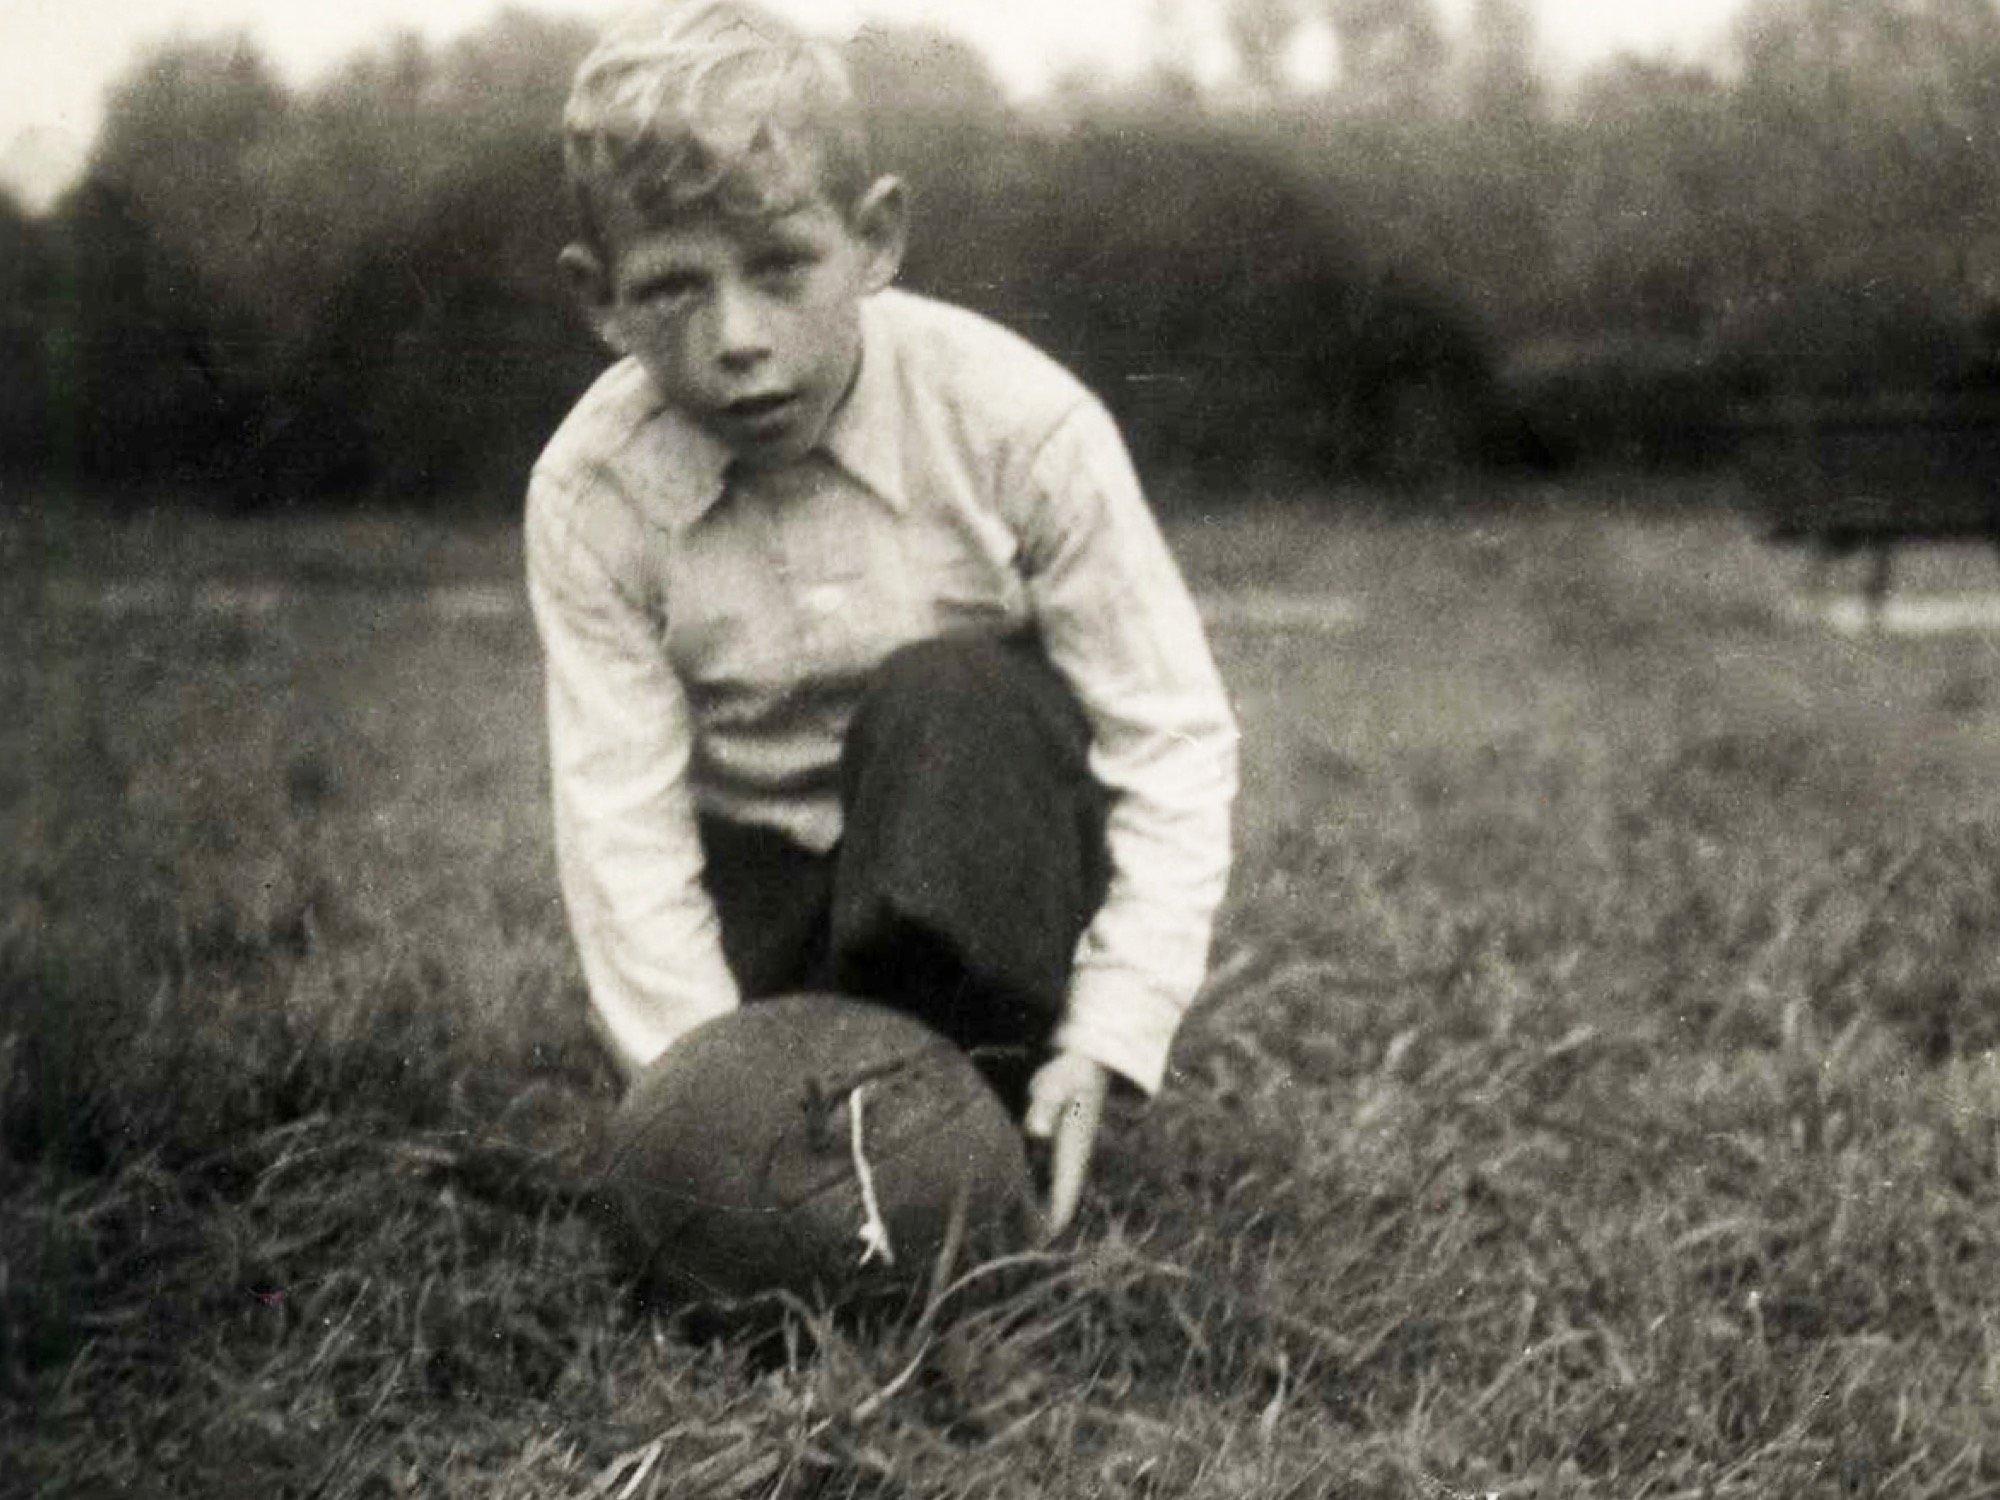 Kinderfoto von Paul Crutzen. Er kniet auf der Wiese. Vor ihm liegt ein Fußball.